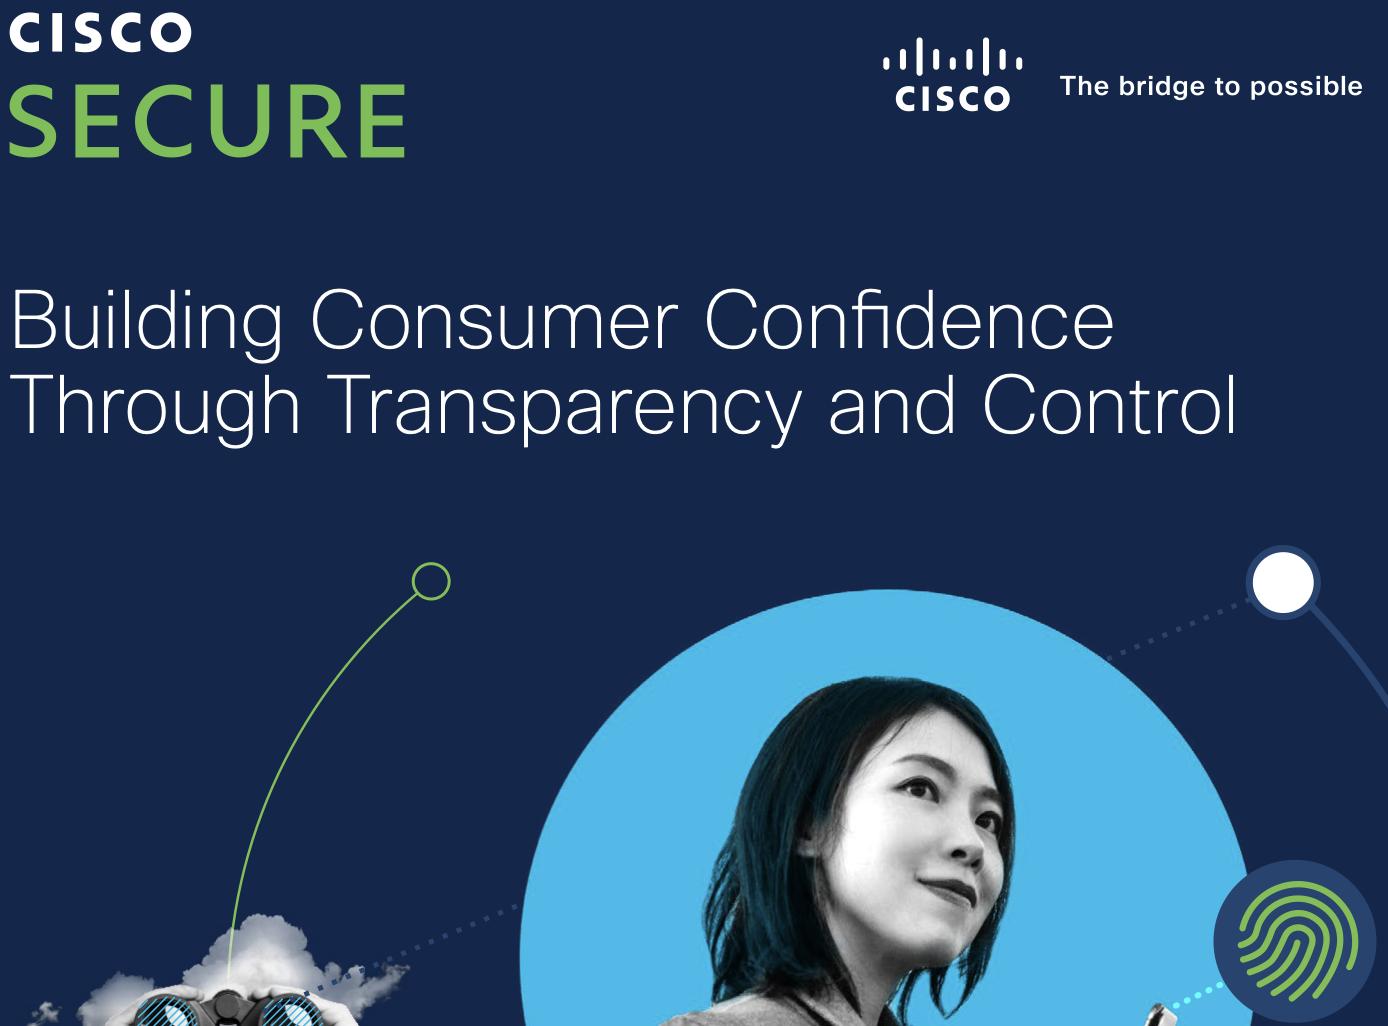 Badanie Cisco: Przejrzystość działań i kontrola korzystania z danych użytkowników fundamentami budowania zaufania wśród klientów